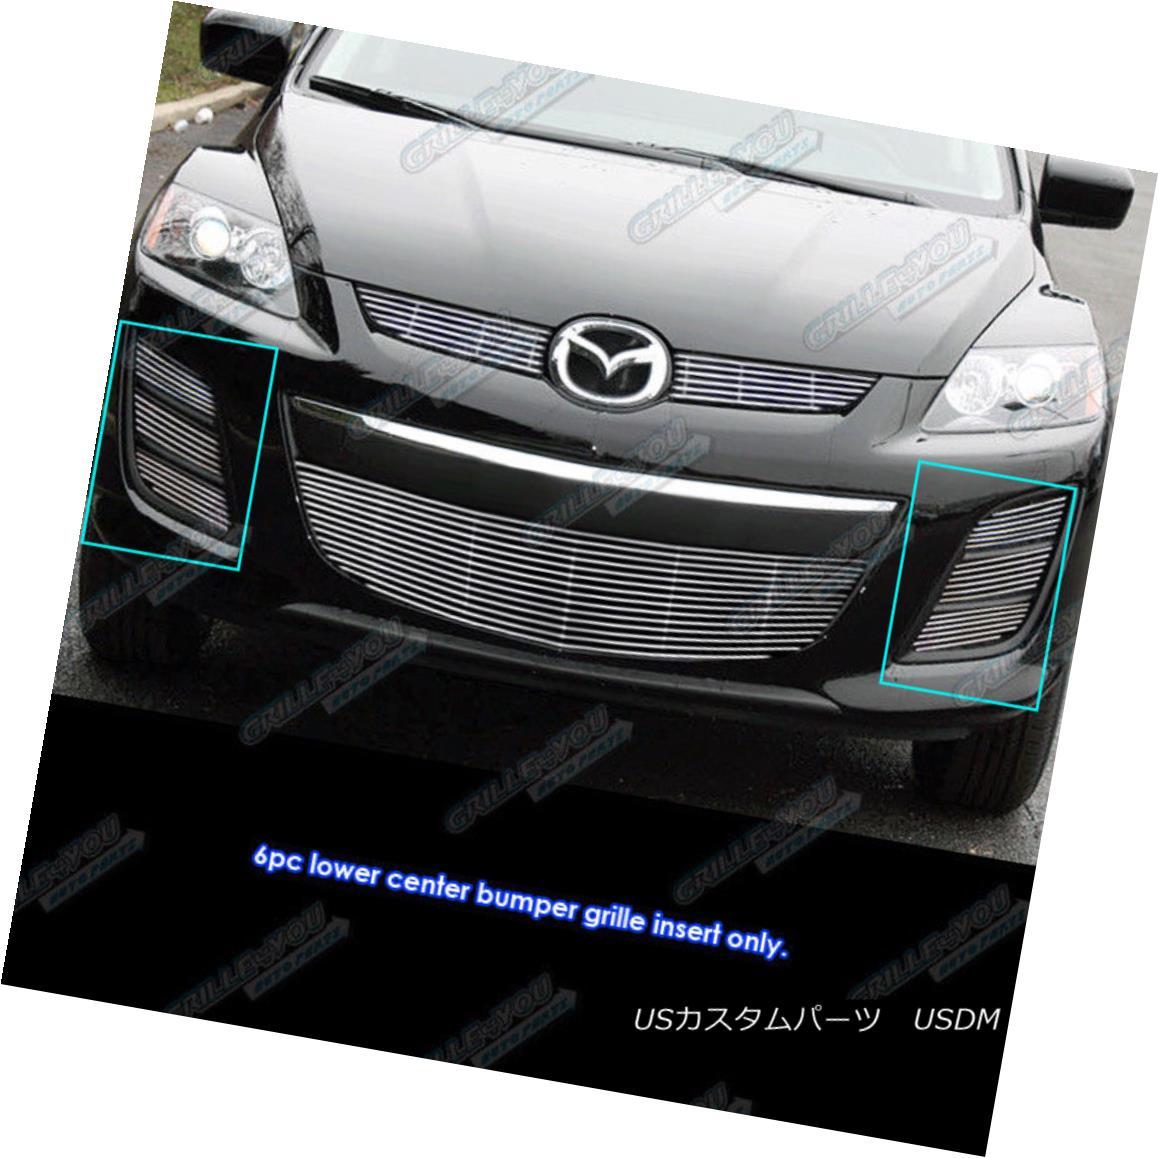 グリル Fits 2010-2012 Mazda CX-7 CX7 Lower 6 Side Pieces Billet Grille Grill Insert フィット2010-2012マツダCX-7 CX7下部6サイドピースビレットグリルグリルインサート